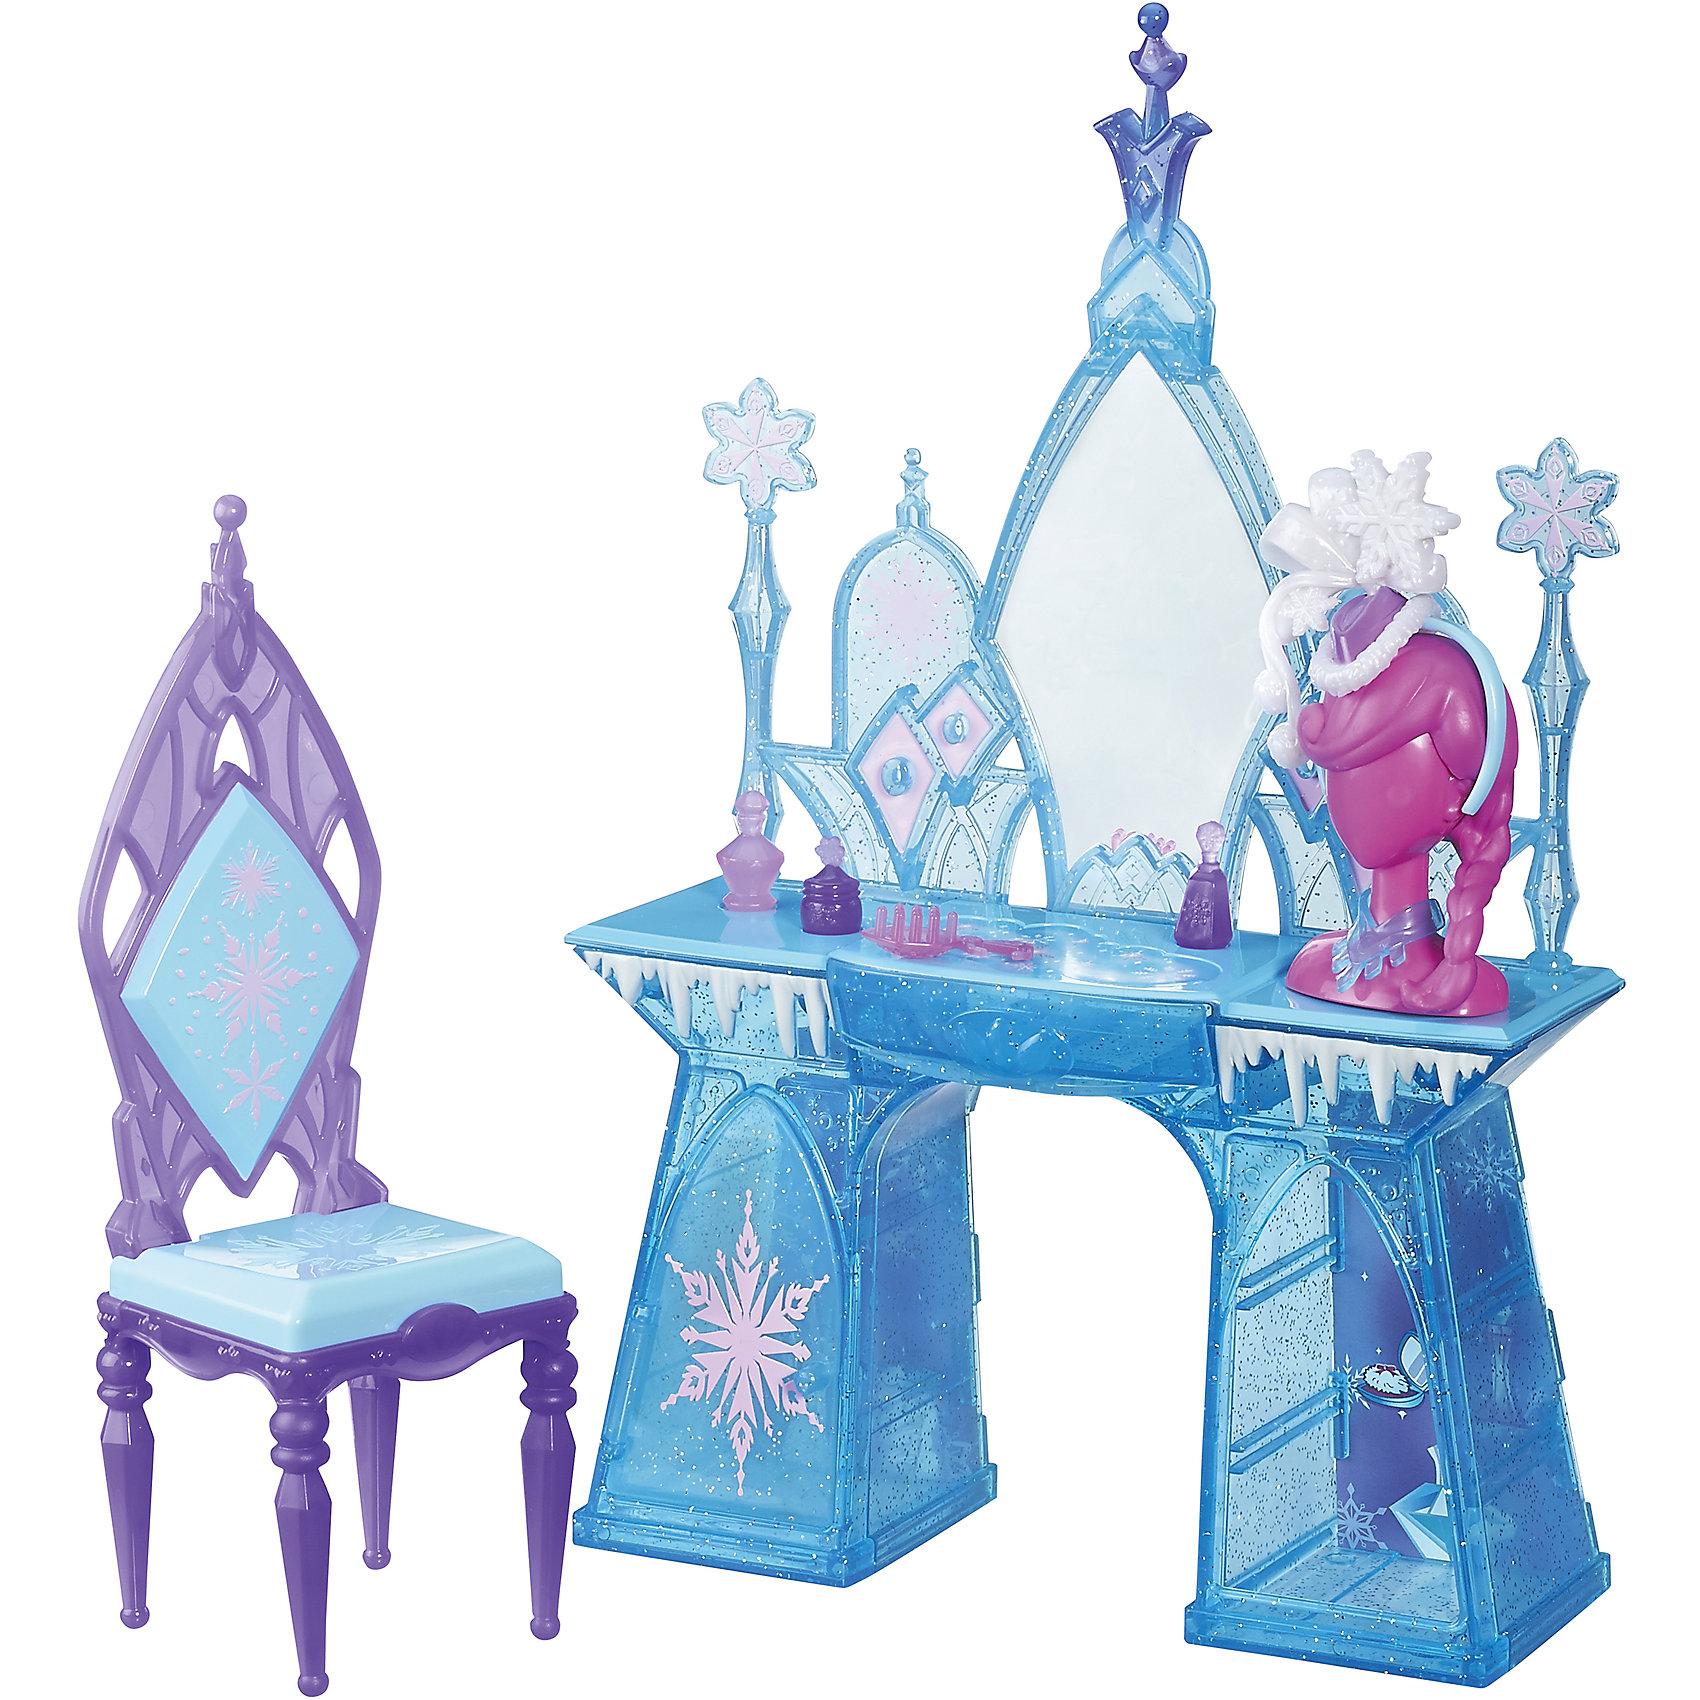 Hasbro Игровой набор Туалетный столик Эльзы, Холодное сердце, B5175/B5176 hasbro play doh игровой набор из 3 цветов цвета в ассортименте с 2 лет